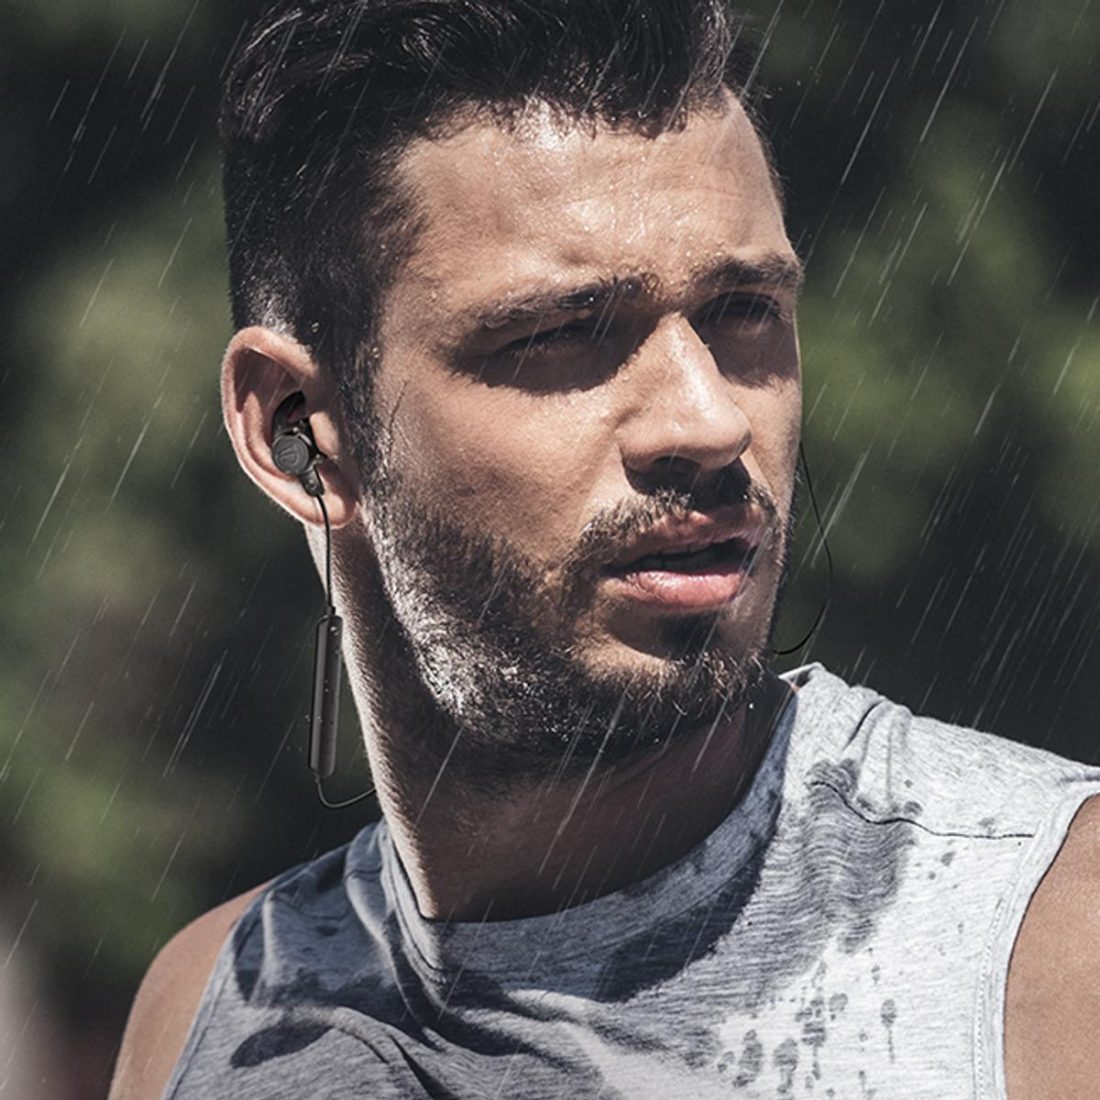 Man wearing SOUNDPEATS Q35 HD Wireless Earbuds in the rain (From: SOUNDPEATS)